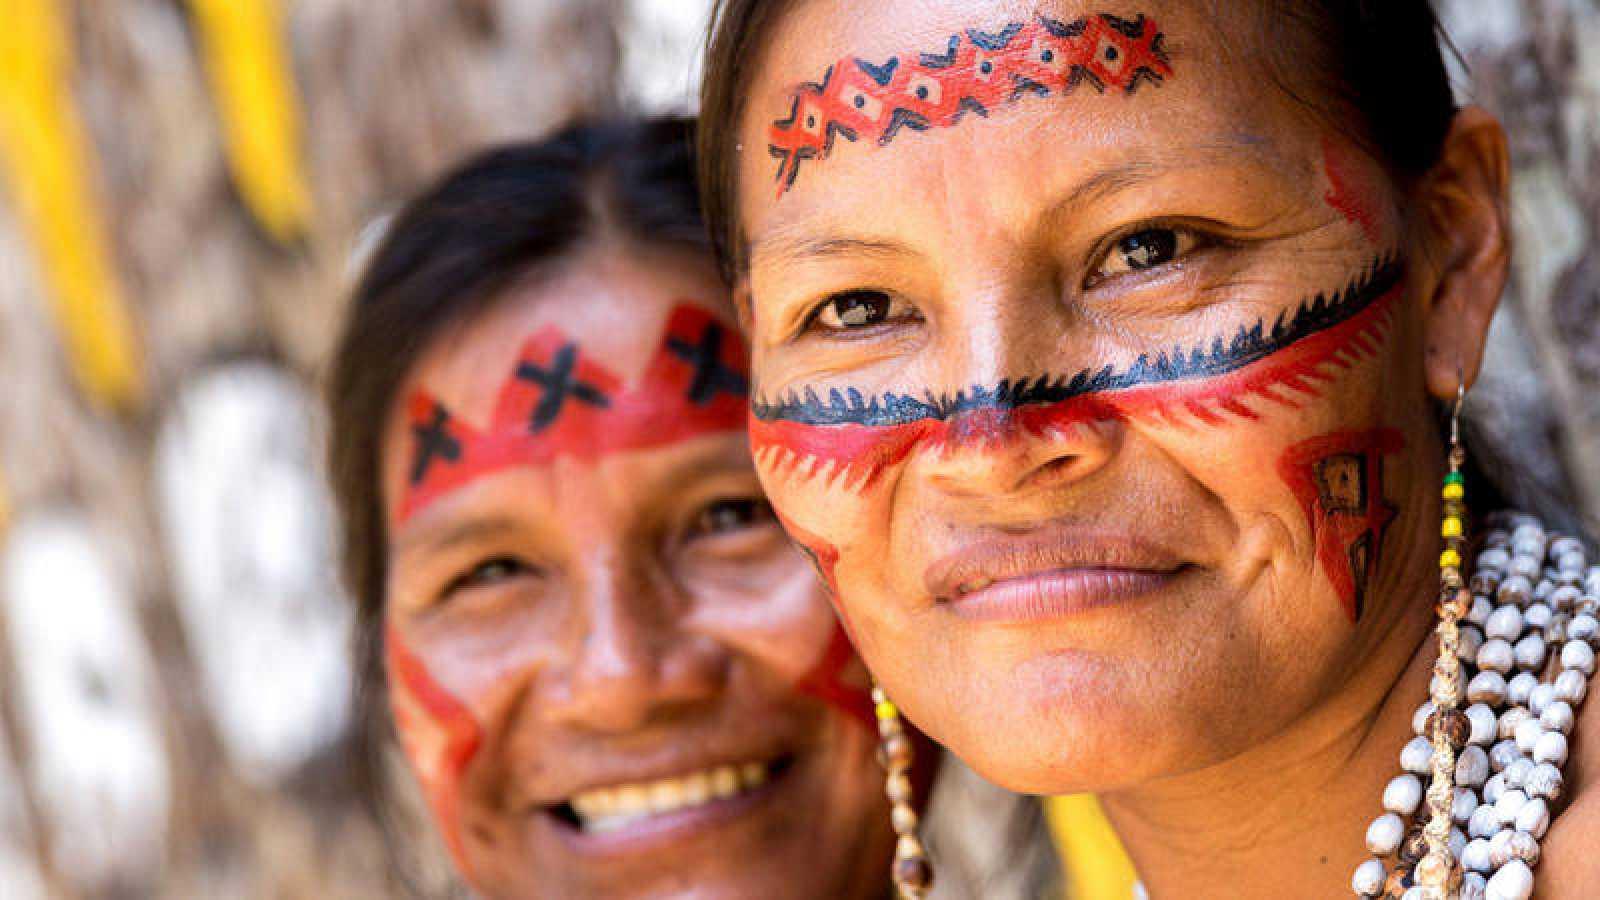 Dos mujeres indígenas sonríen con la cara pintada al modo tradicional.